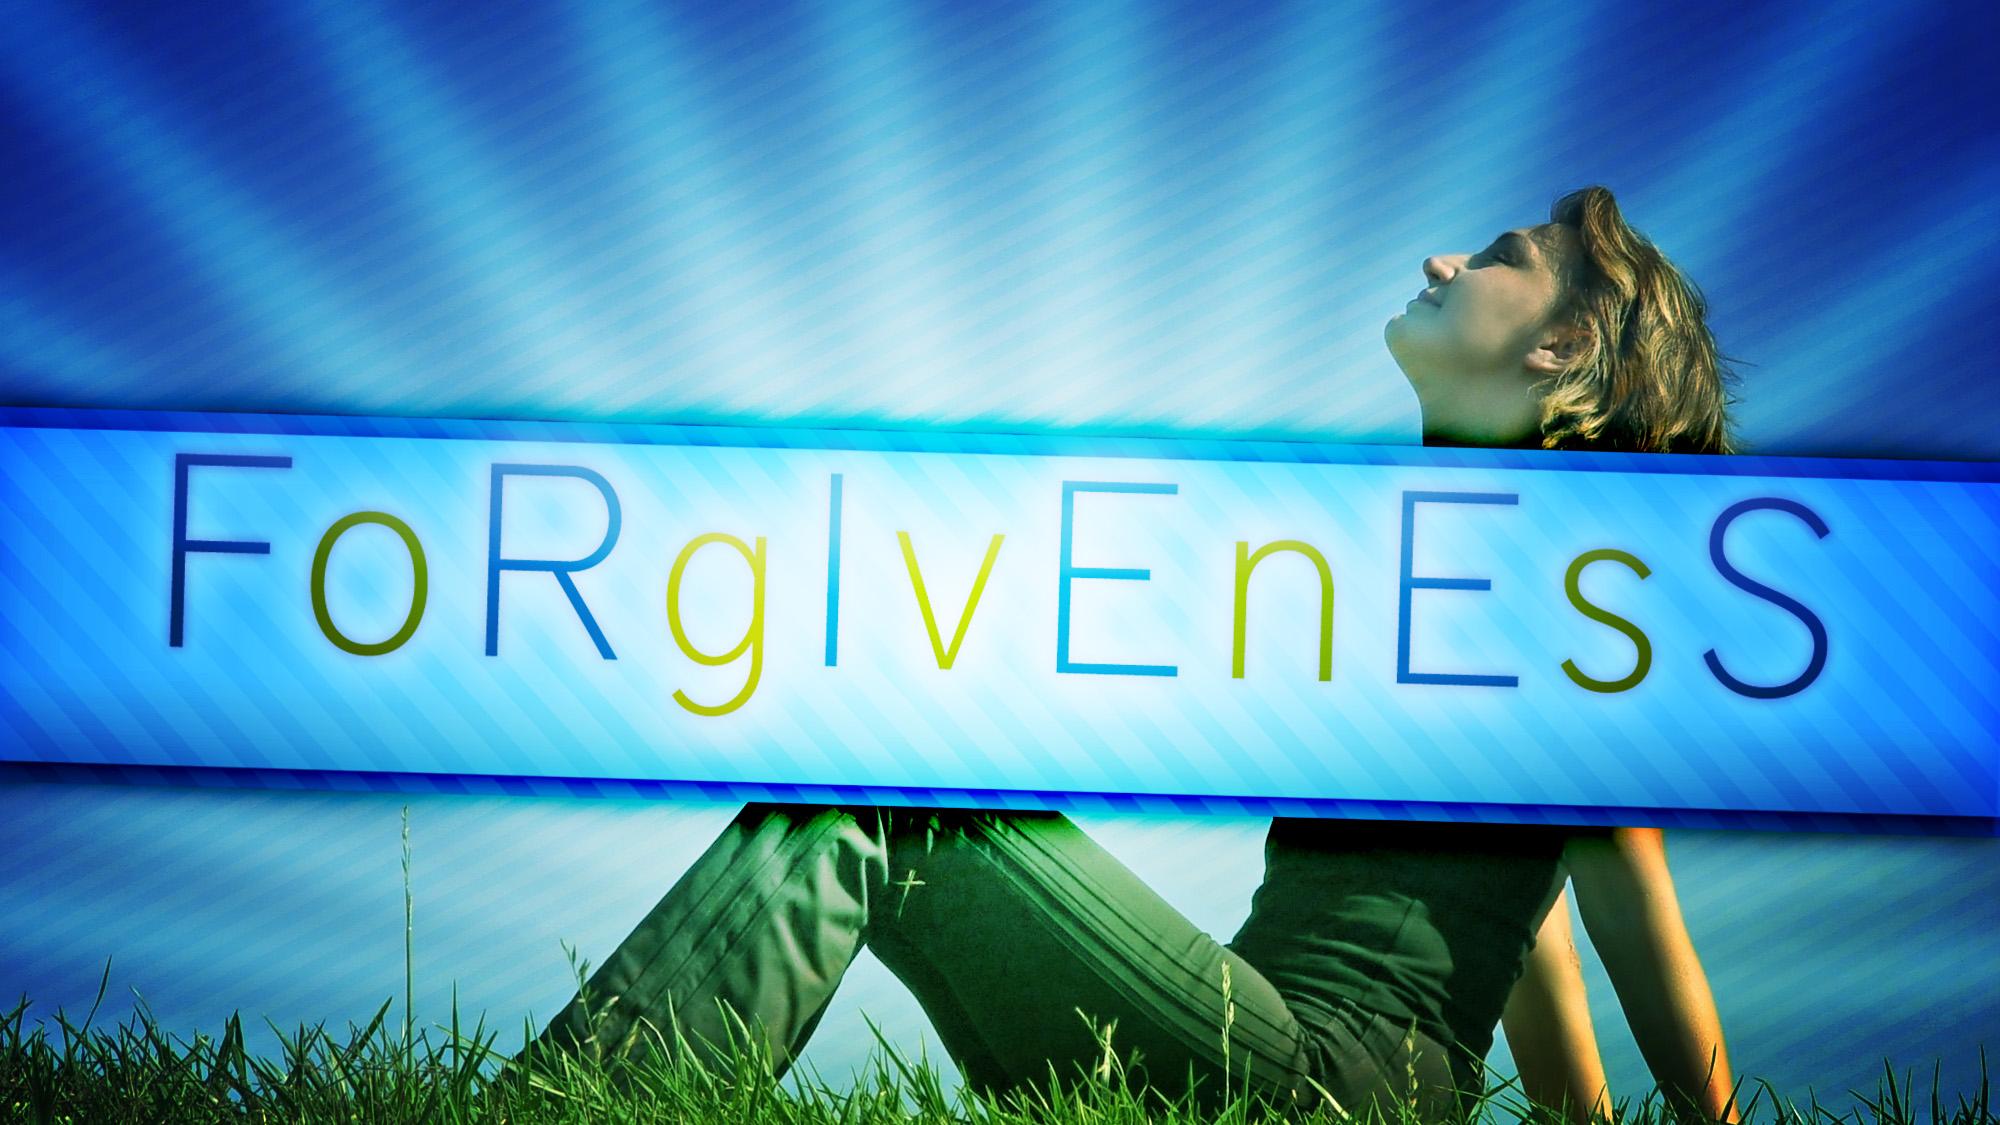 forgiveness_wide_t_nv